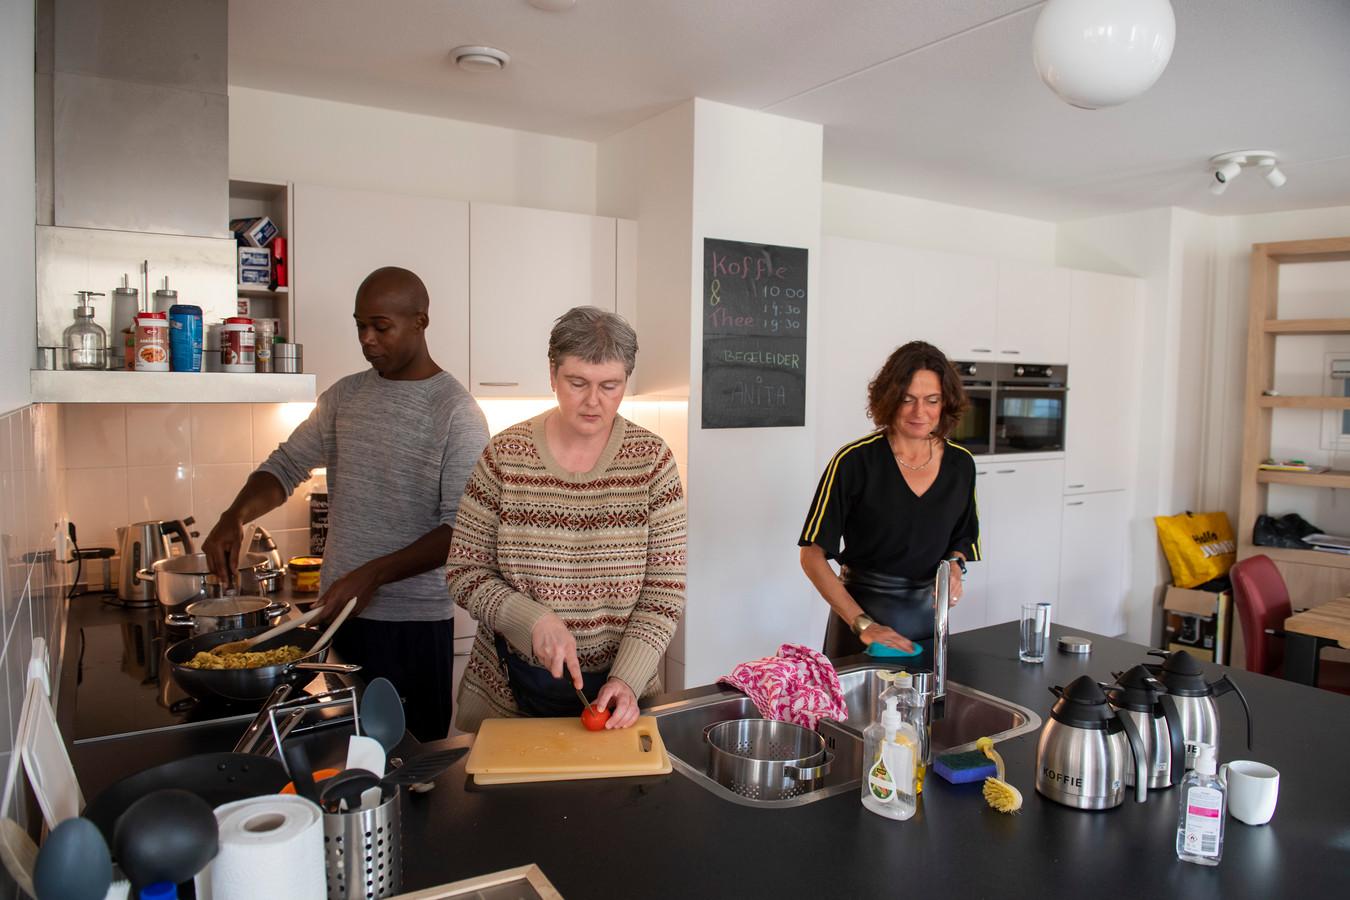 In de keuken van Chapeau in Tilburg: Ixor maakt bami met assistentie van Sandra. Rechts teamleidster Loes Verstappen.